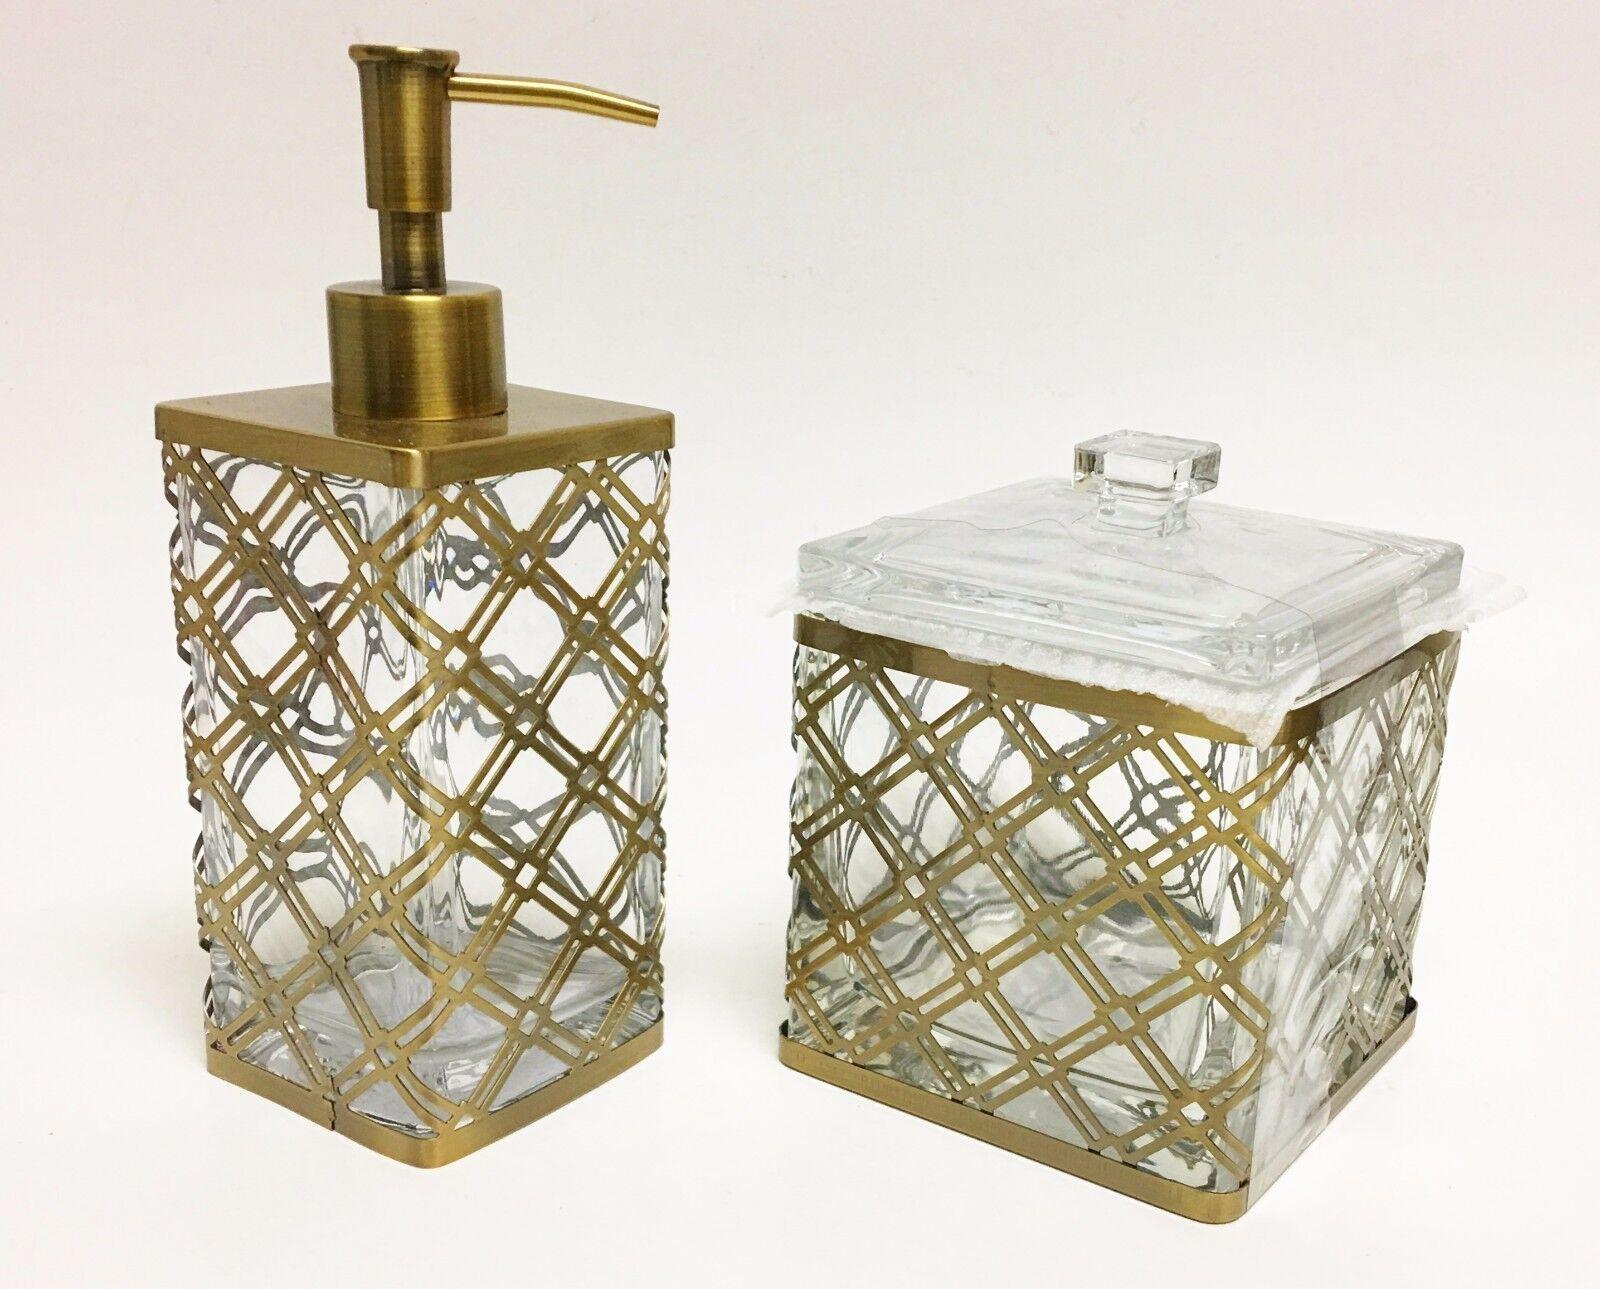 Neu 2 Stk. Set Glas + Antik Gold, Messing Metall Rahmen Außen Seifenspender +